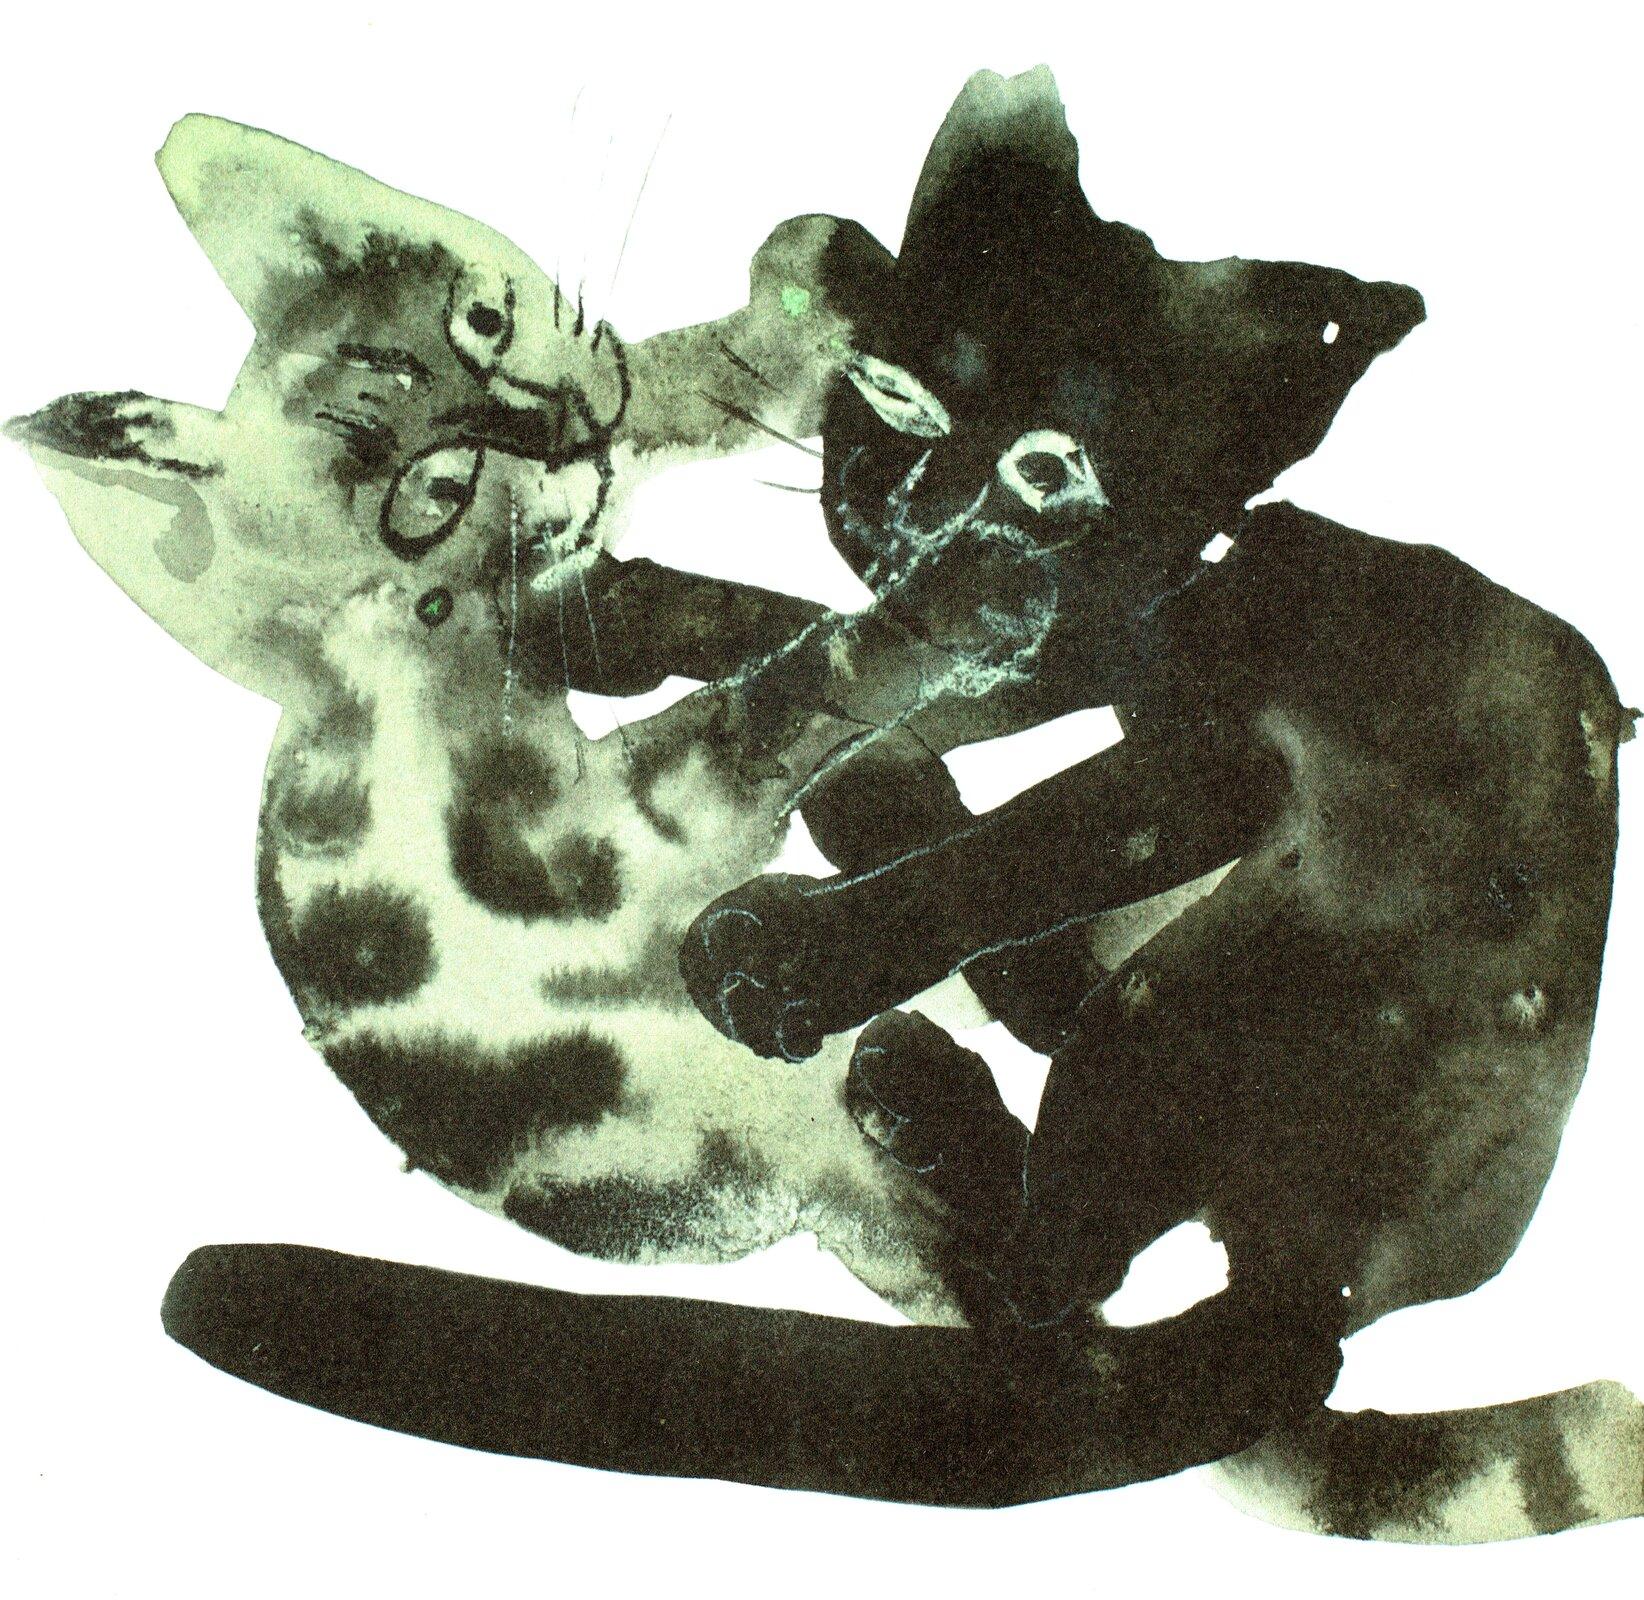 """Ilustracja przedstawia pracę Józefa Wilkonia zksiążki """"Kici kici miau"""". Ukazuje dwa bawiące się ze sobą koty. Jeden kot jest szary wczarne plamy, adrugi cały czarny."""